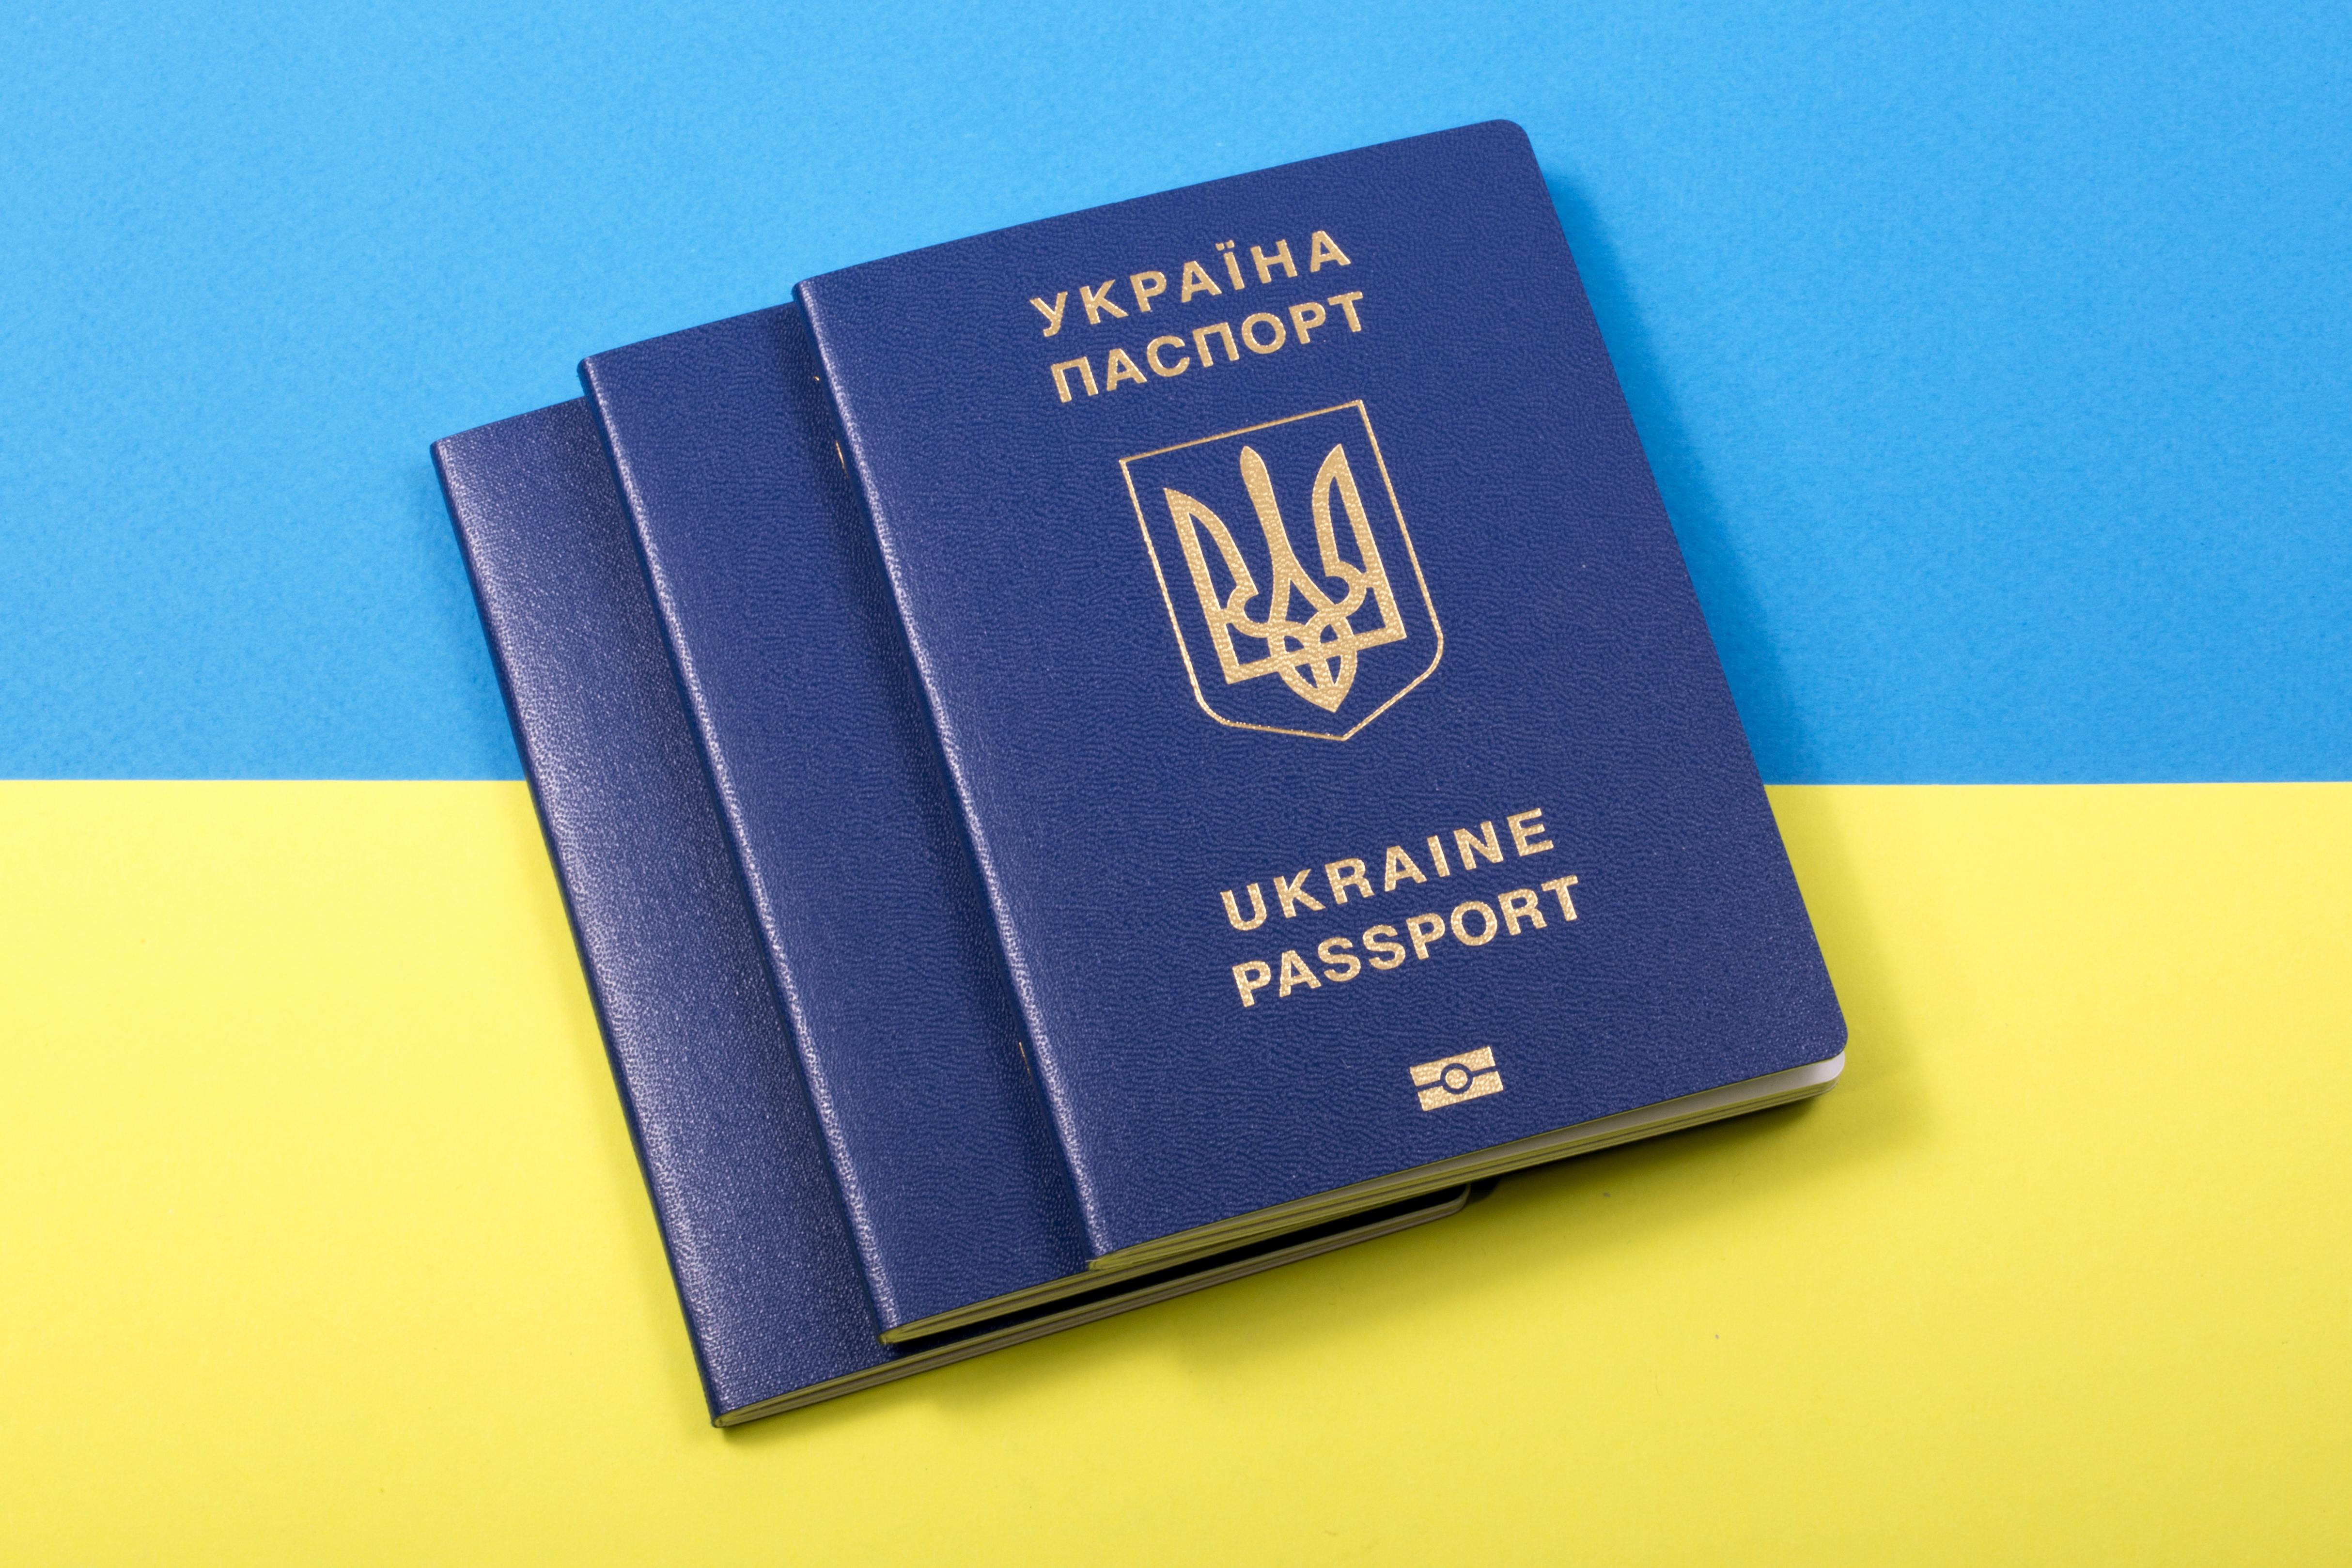 Де і як можна зробити закордонний паспорт в Україні в 2018 році